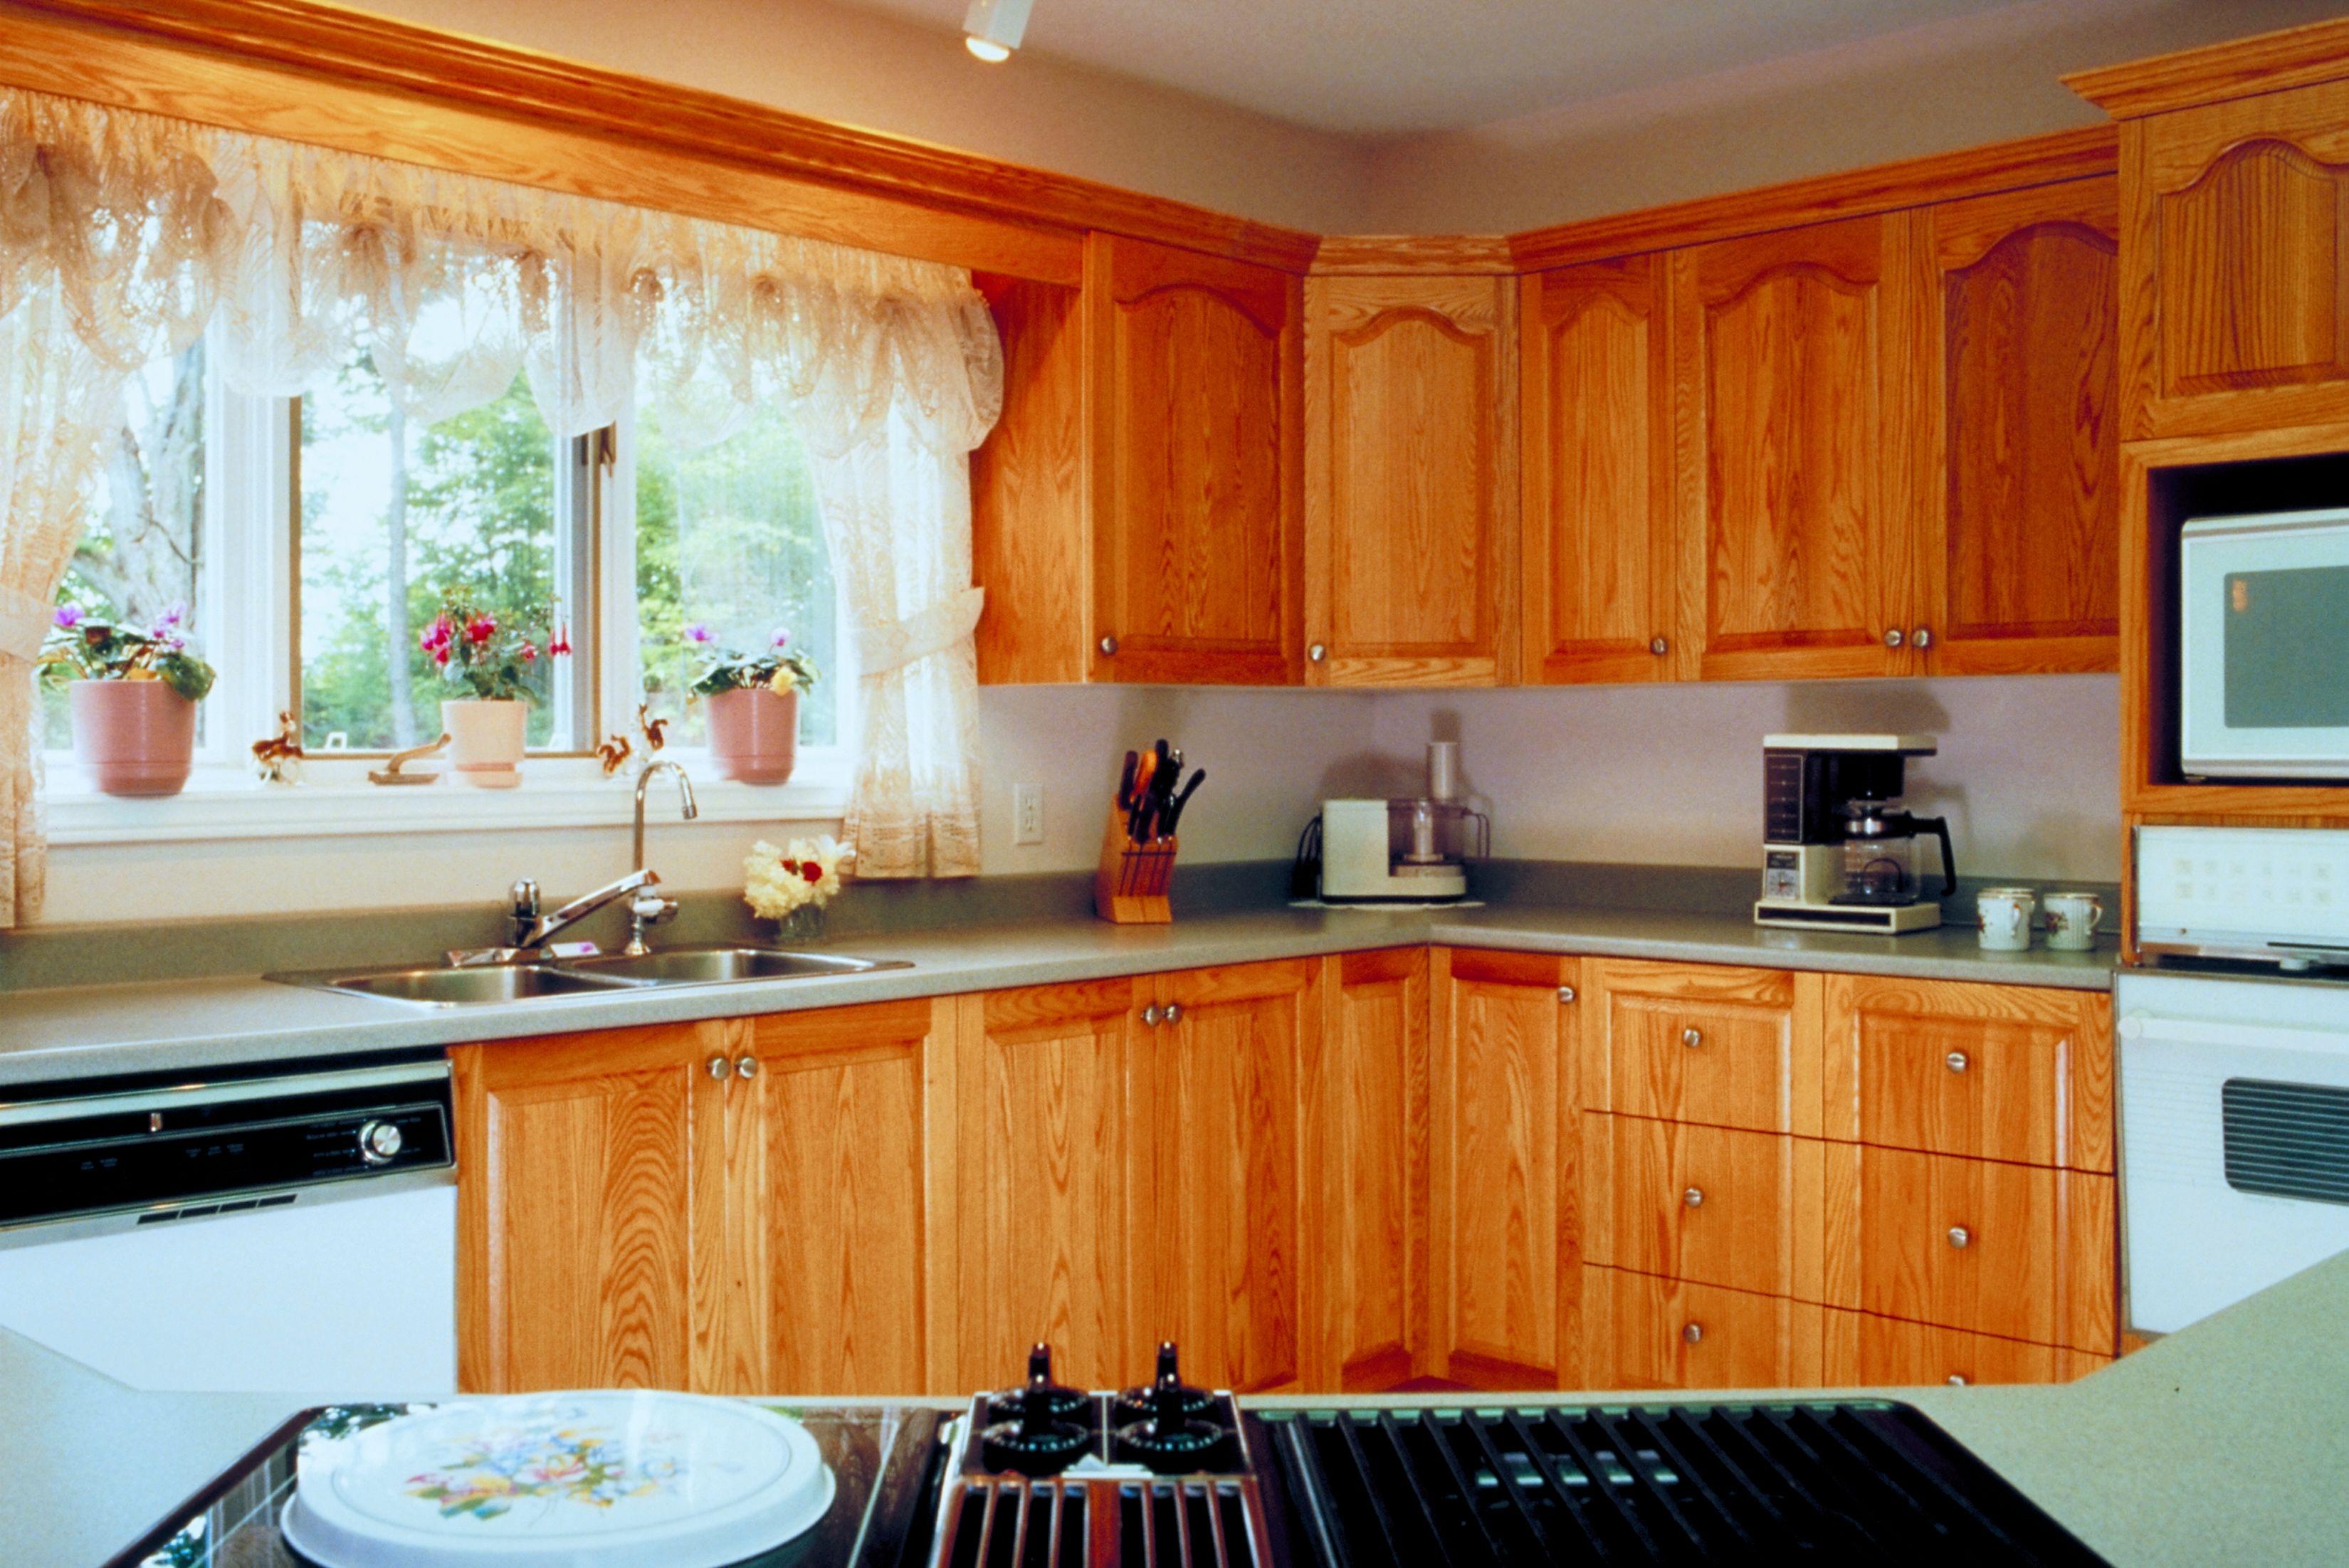 Coordinar gabinete de la cocina piso de madera de color - El Mejor Color De Mesada De Granito Para Gabinetes De Roble Ehow En Espa Ol